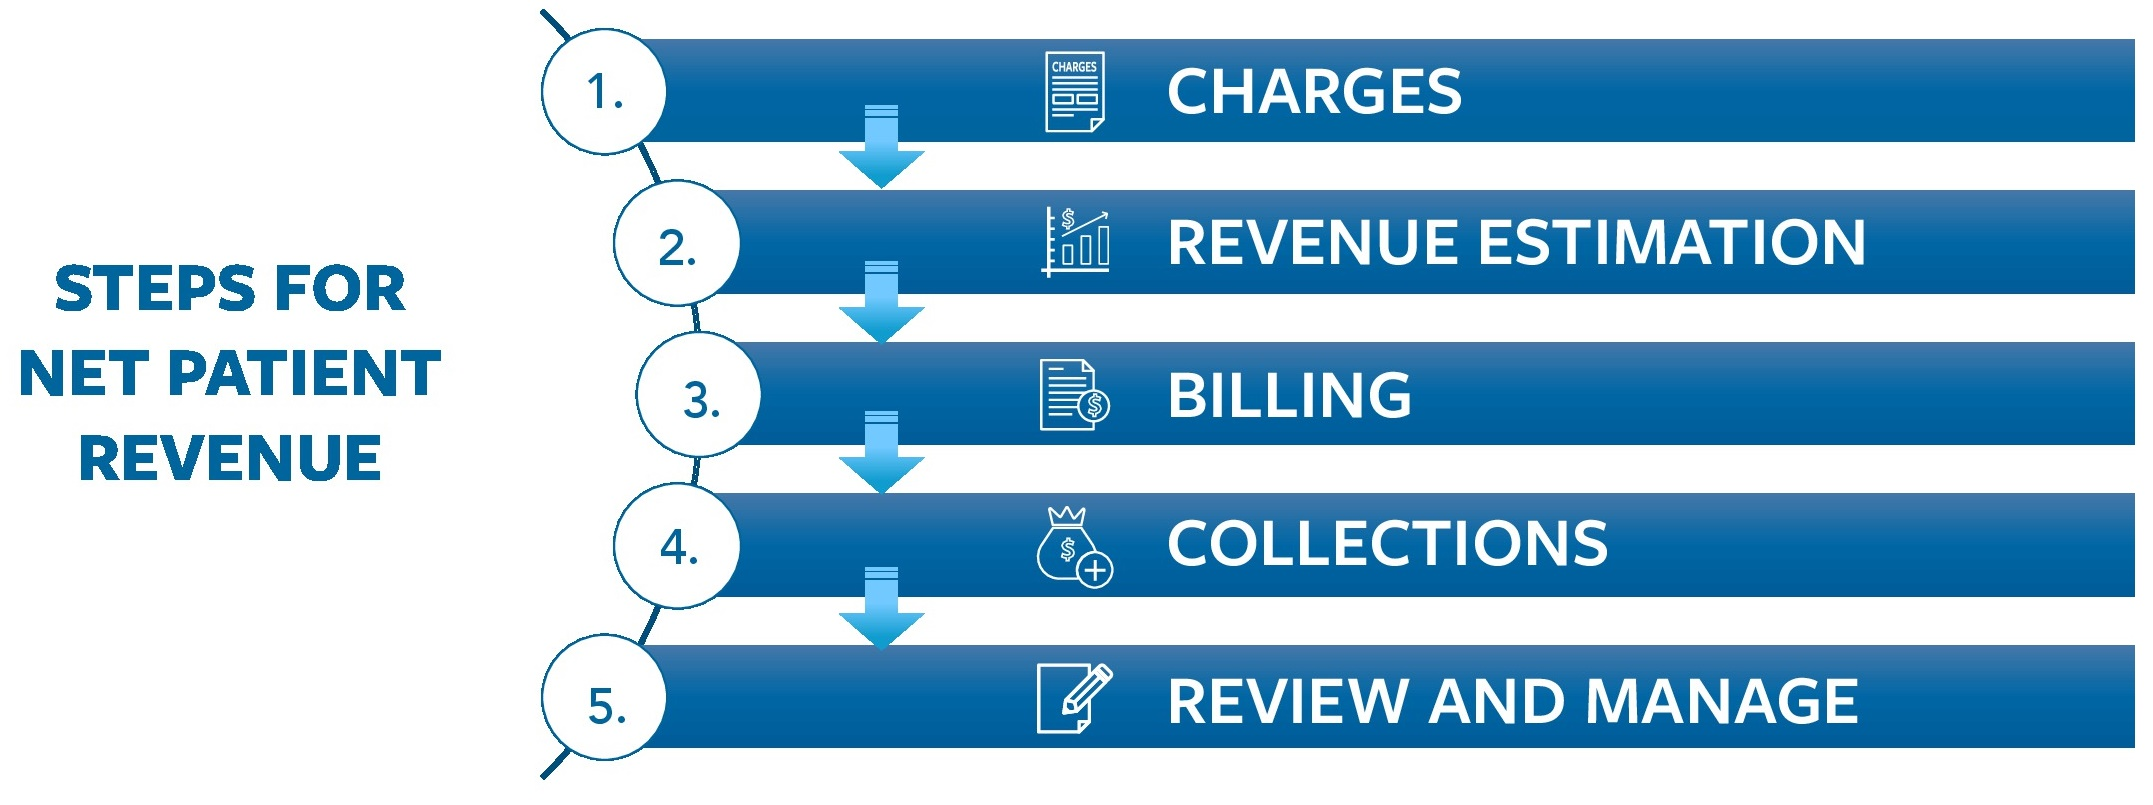 steps for patient revenue